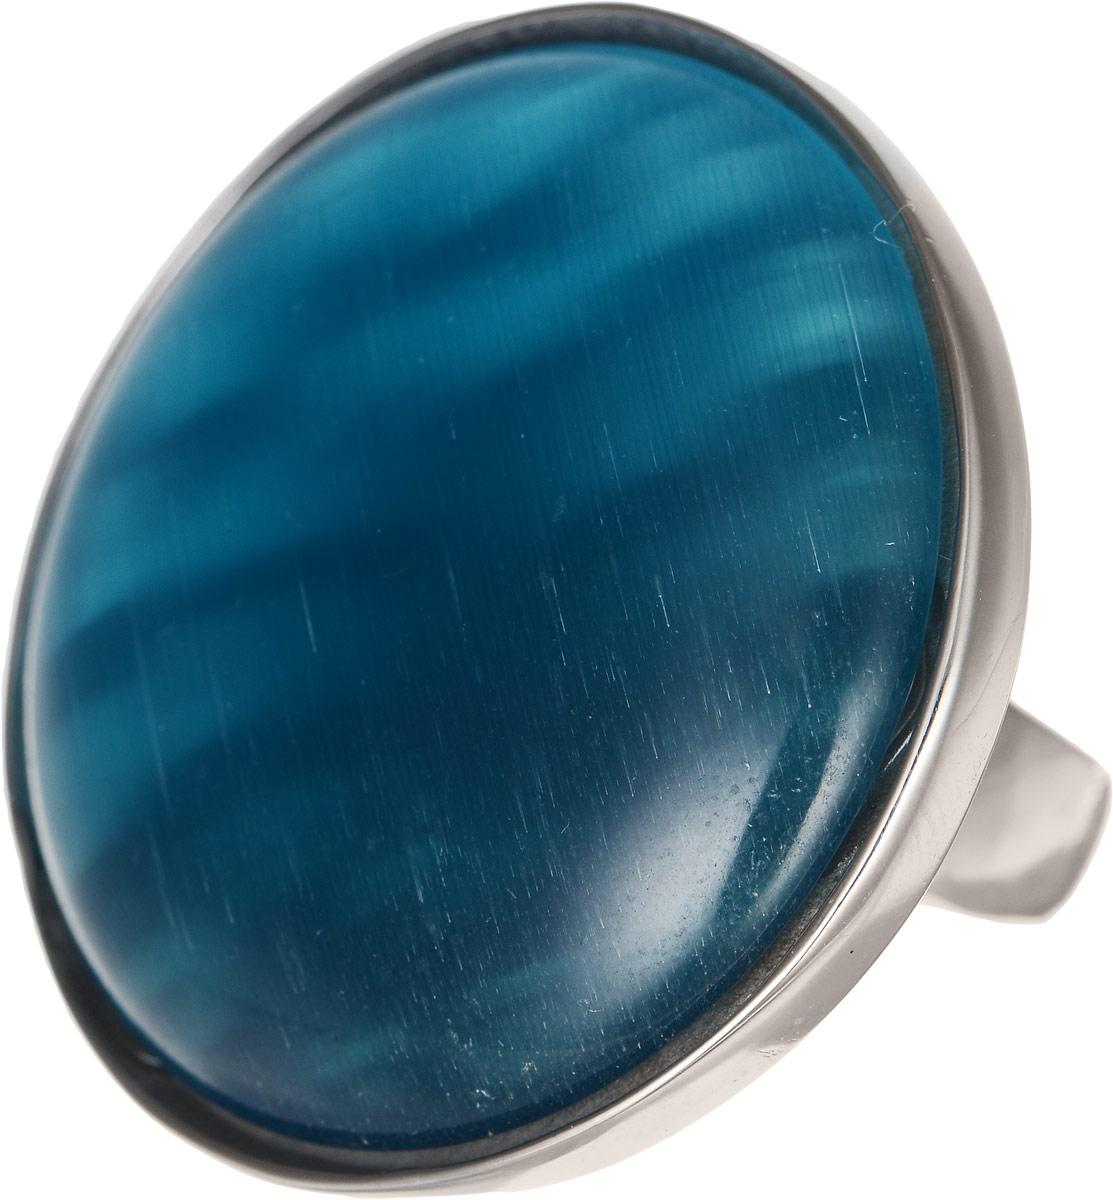 Кольцо Polina Selezneva, цвет: серебристый, синий. DG-0008. Размер 17DG-0008-07Оригинальное кольцо Polina Selezneva выполнено из бижутерийного сплава. Изделие круглой формы, дополнено искусственным камнем. Такое кольцо это блестящее завершение вашего неповторимого, смелого образа и отличный подарок для ценительницы необычных украшений!